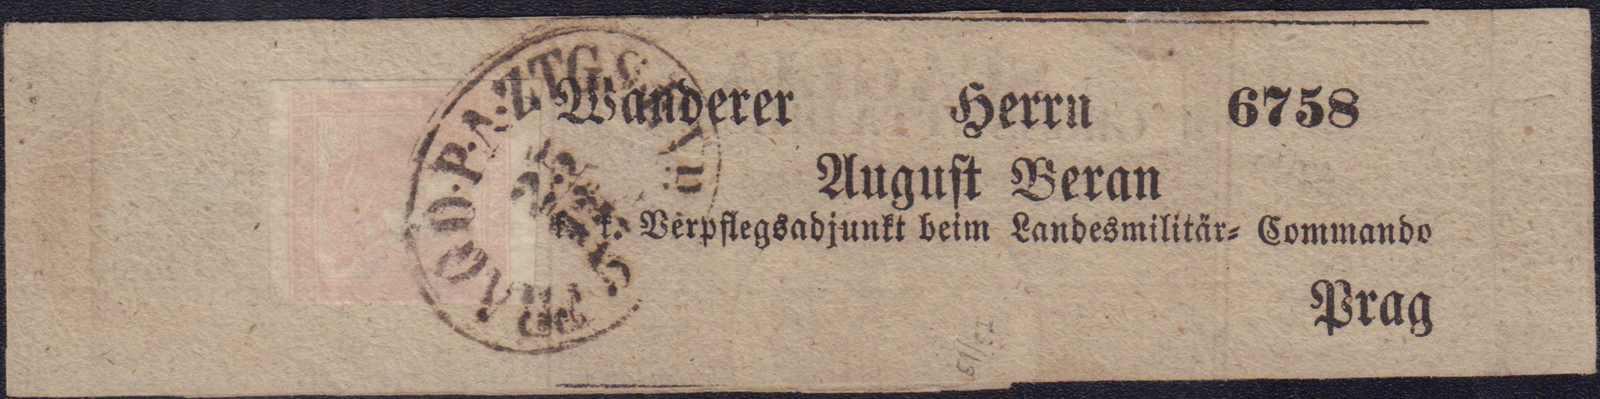 Lot 325 - österreich  -  Auction House Thomas Schantl PREMIUM online live auction